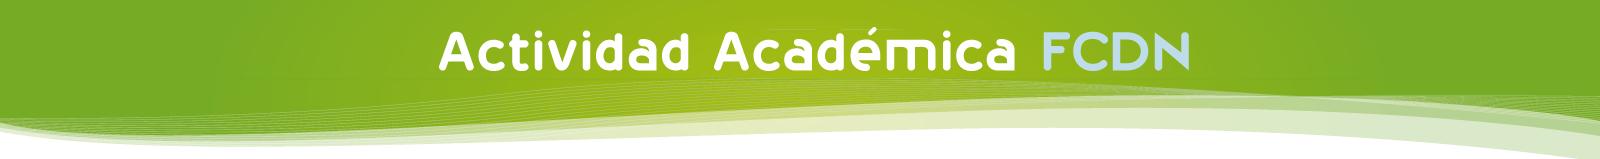 Actividad Academica FCDN